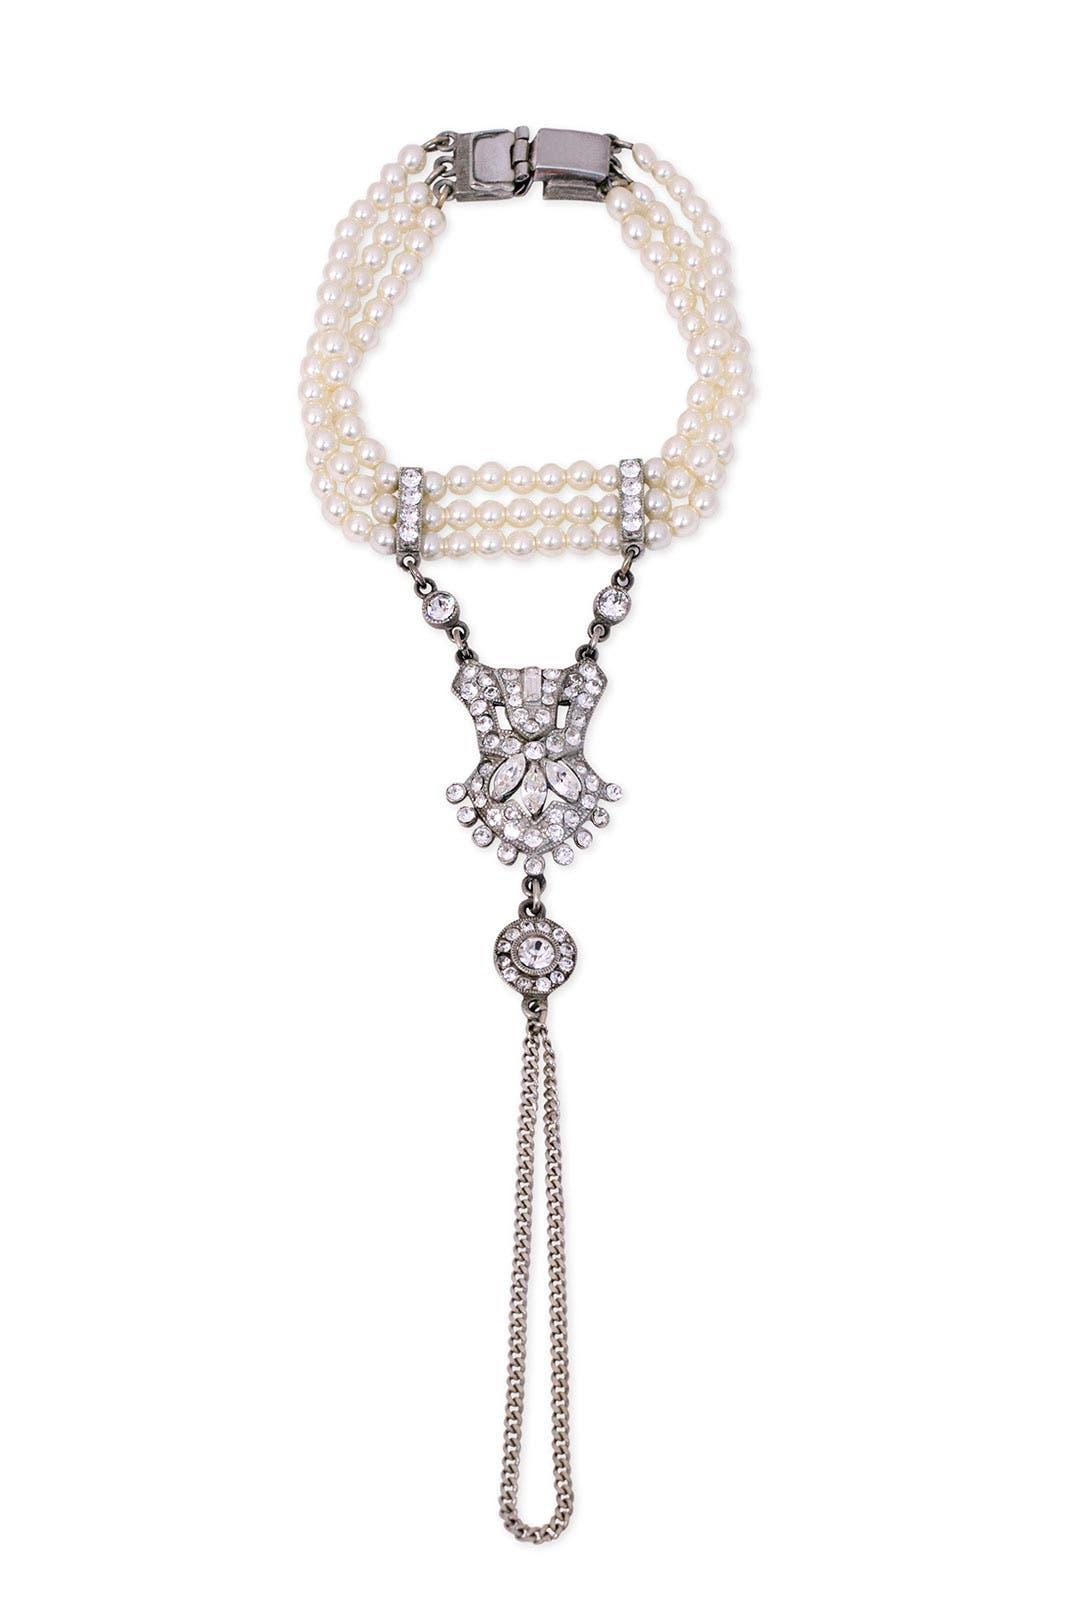 Buchanan Chain Bracelet by Ben-Amun